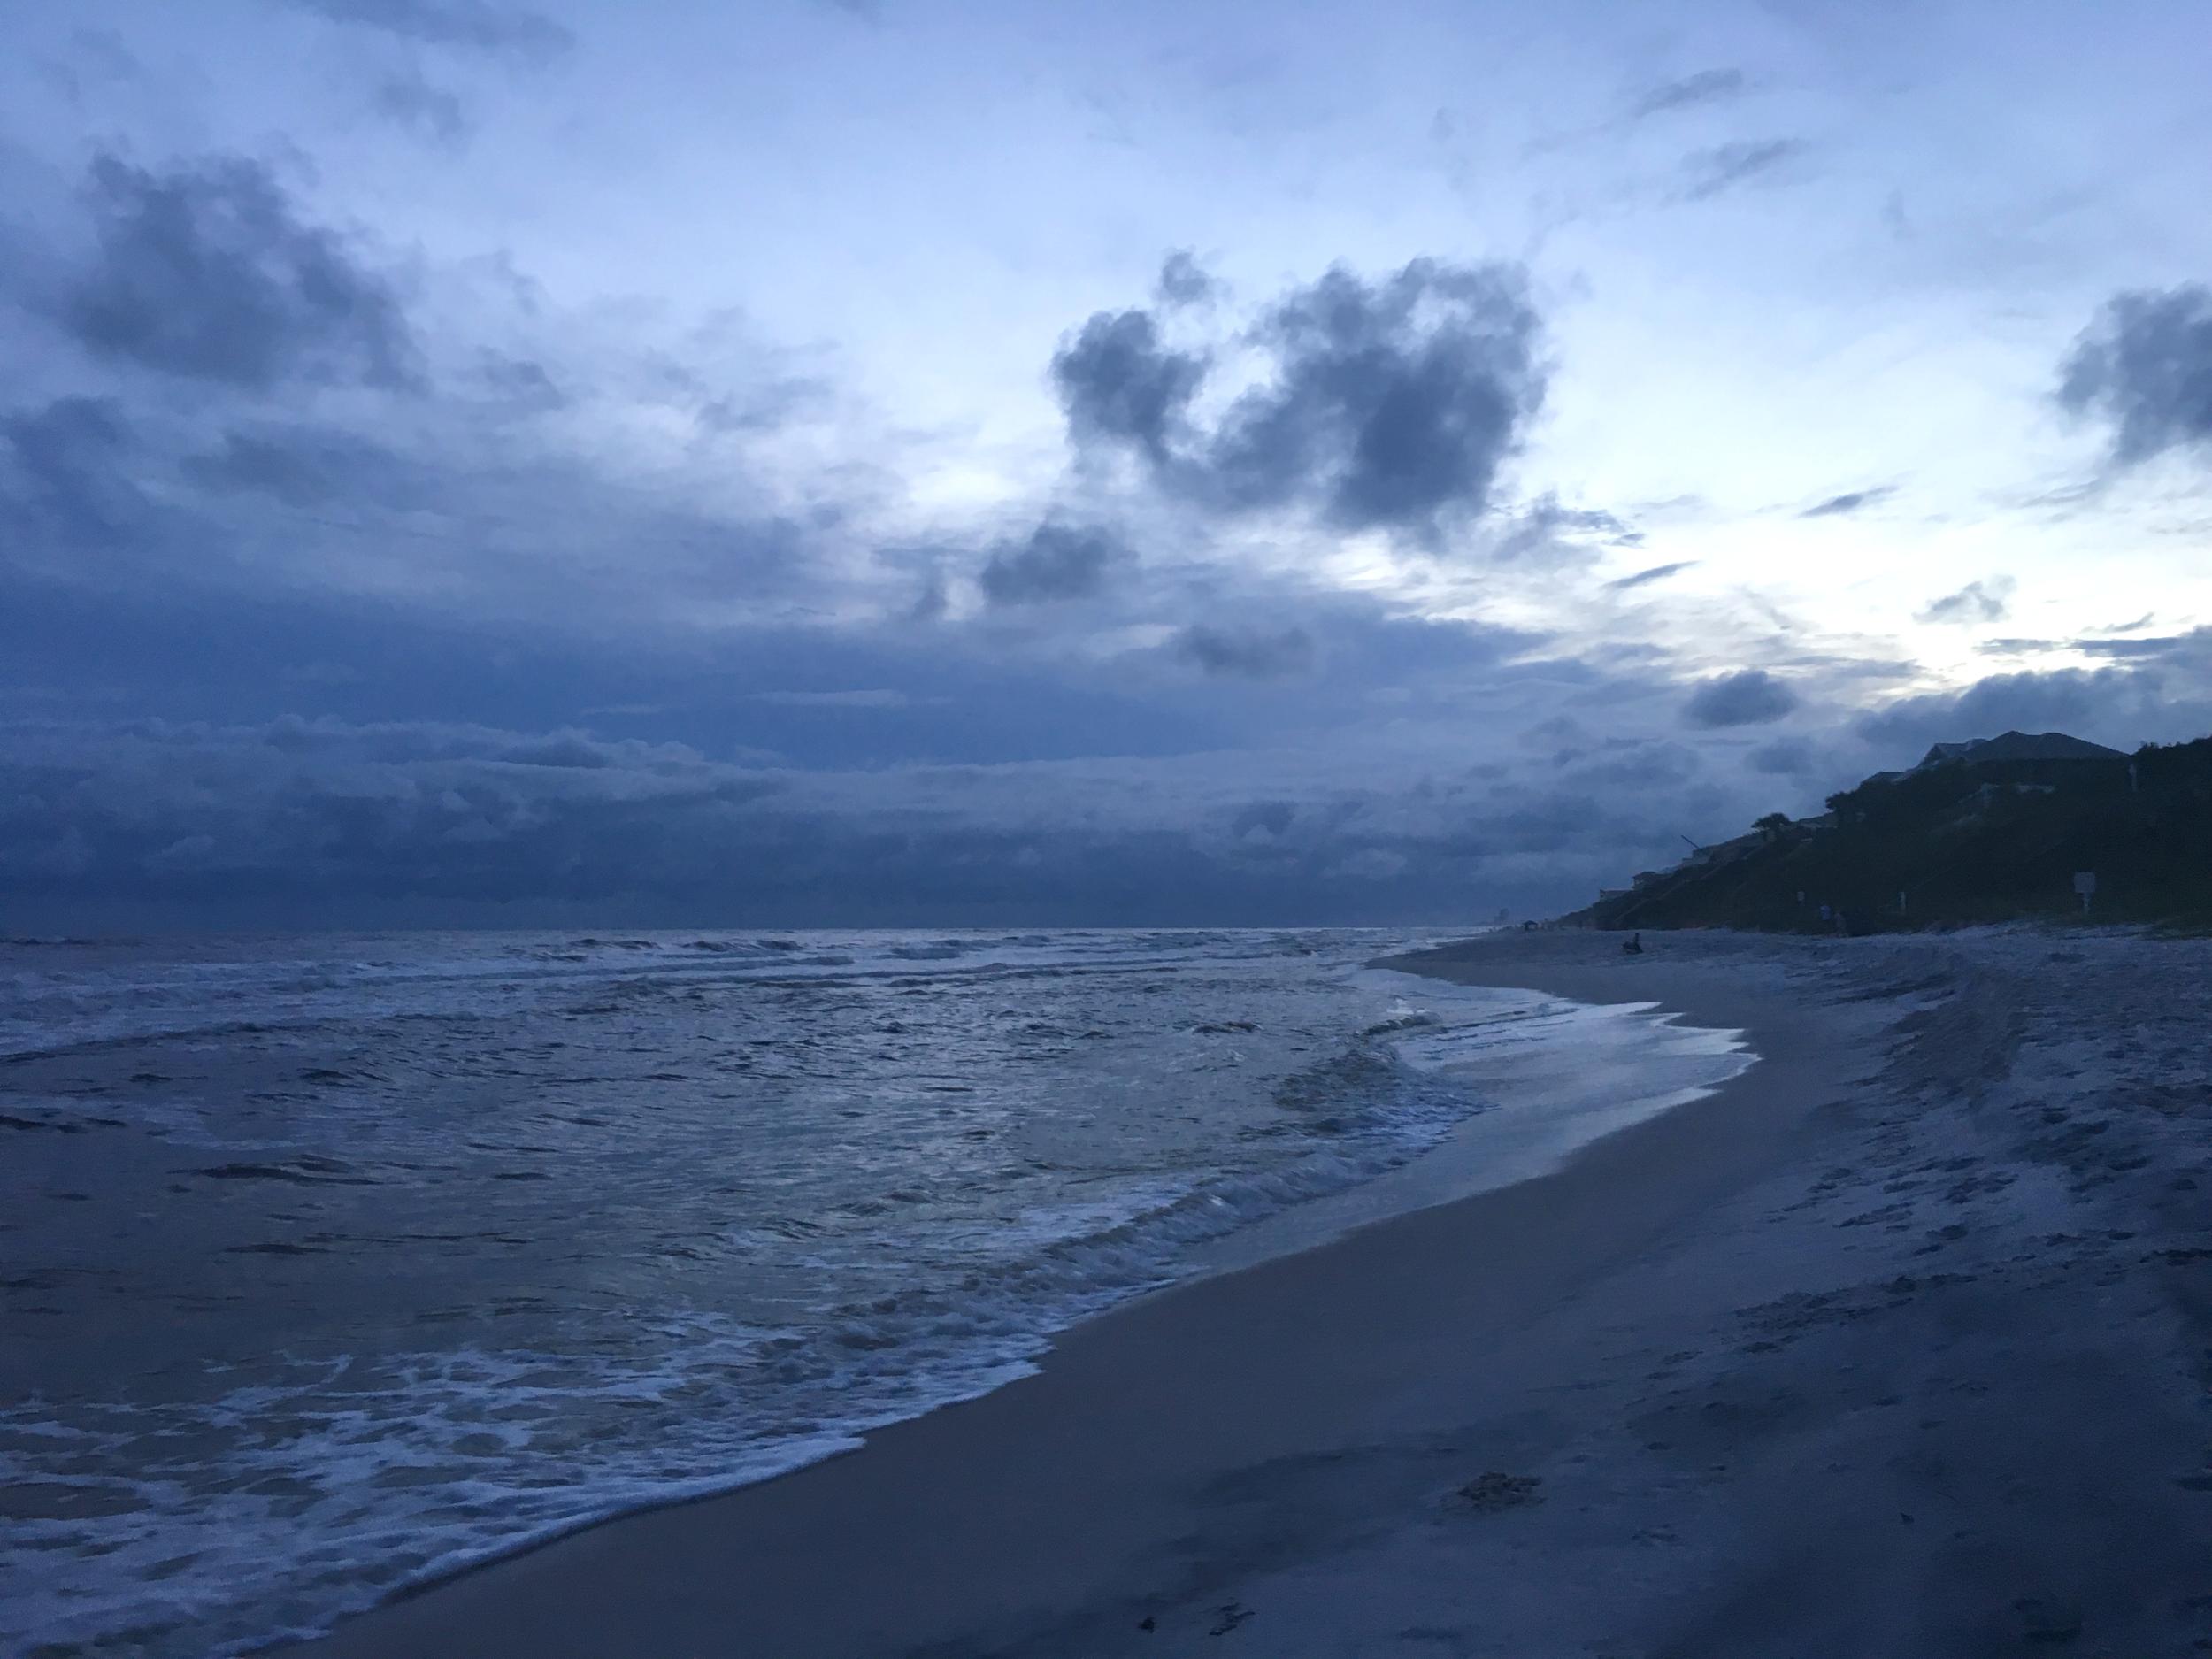 nora-knox-30a-beach-florida-evening.png